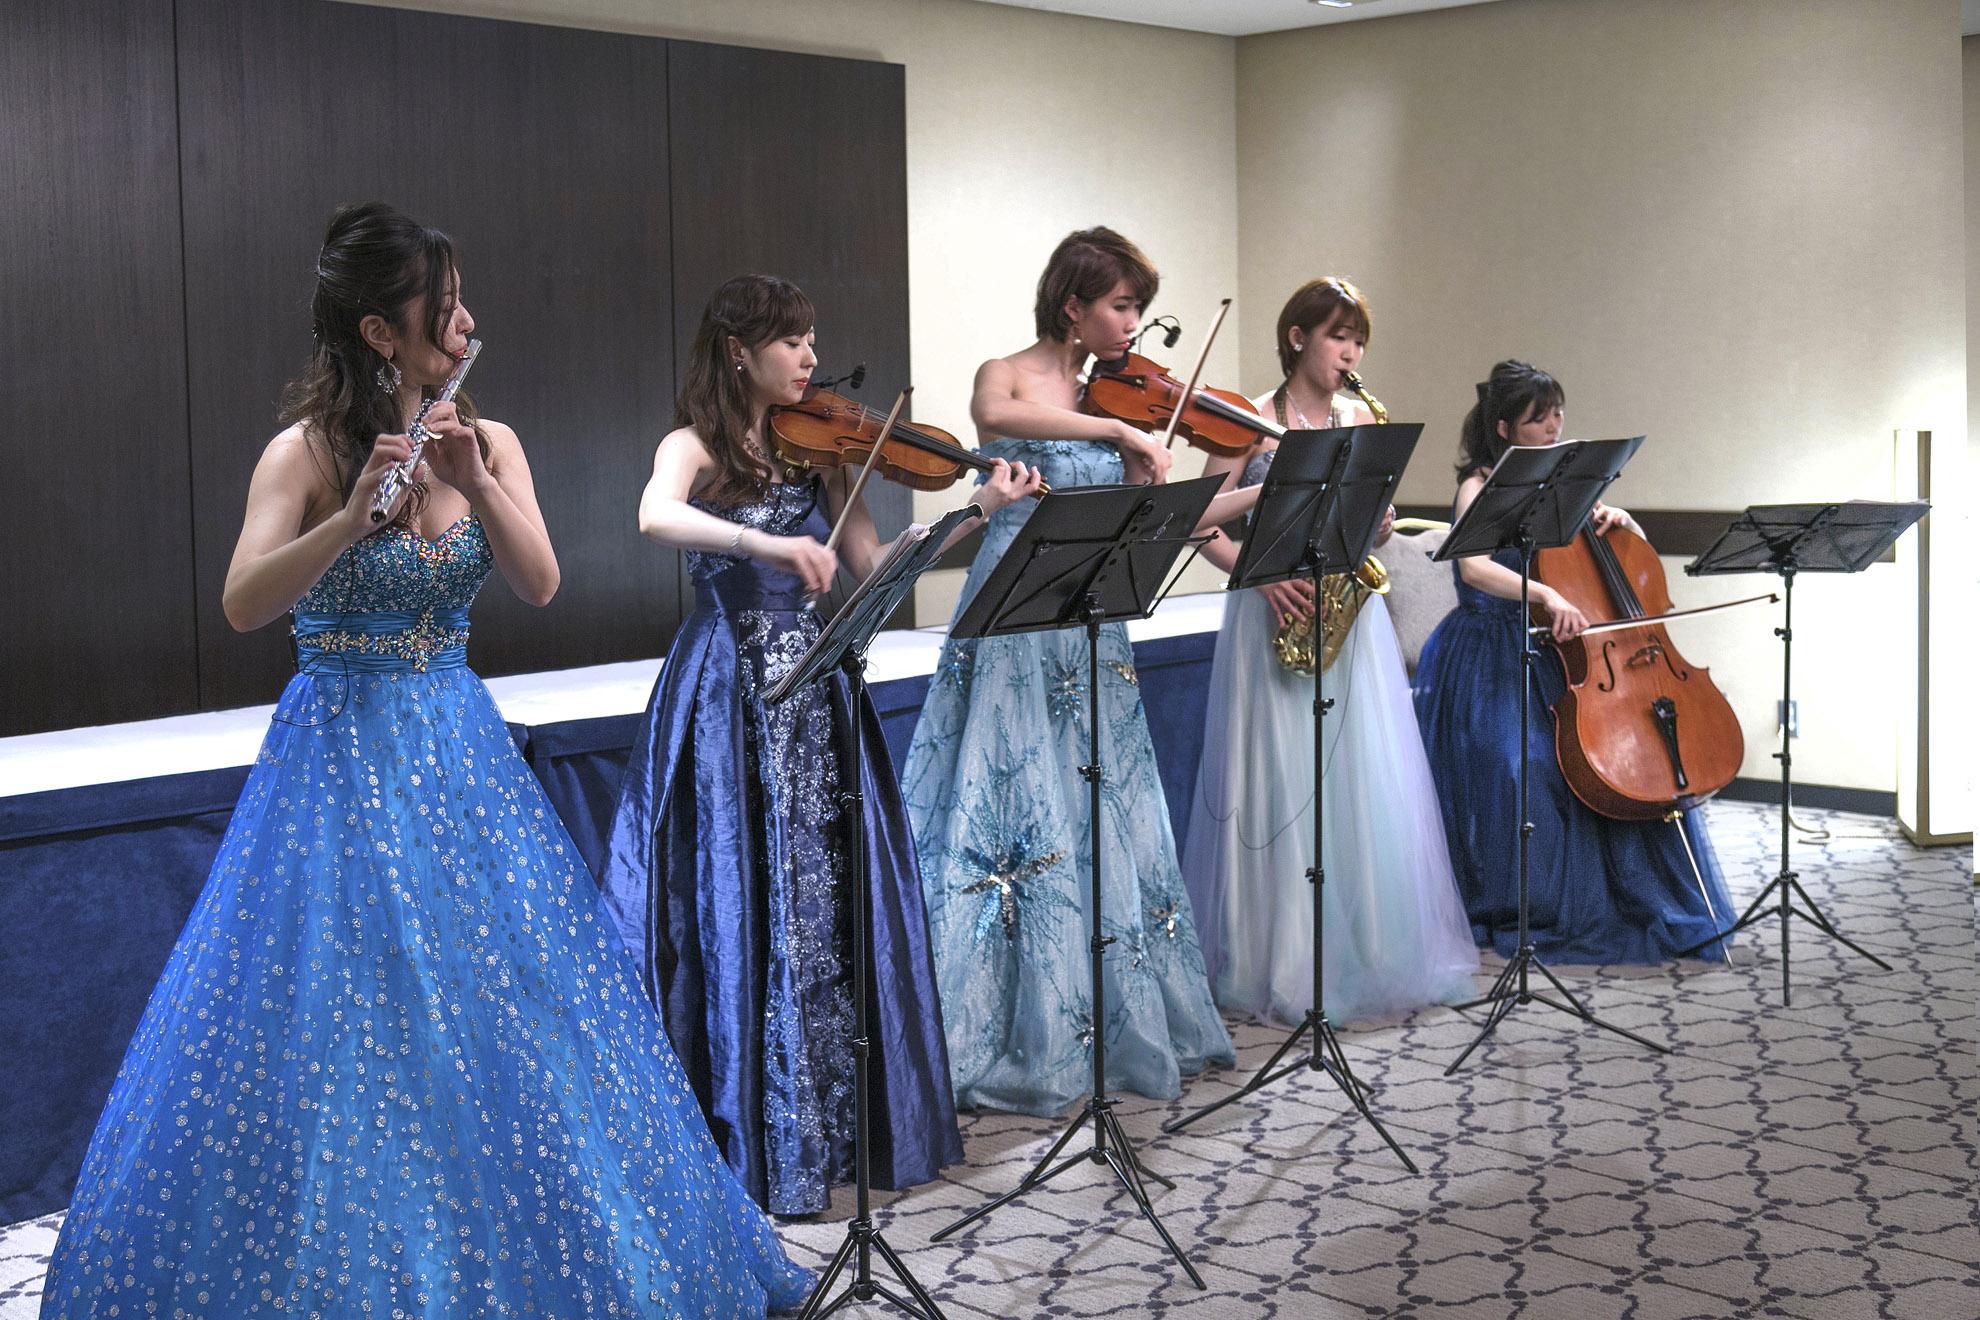 華やかなドレス姿の美人演奏家の生演奏